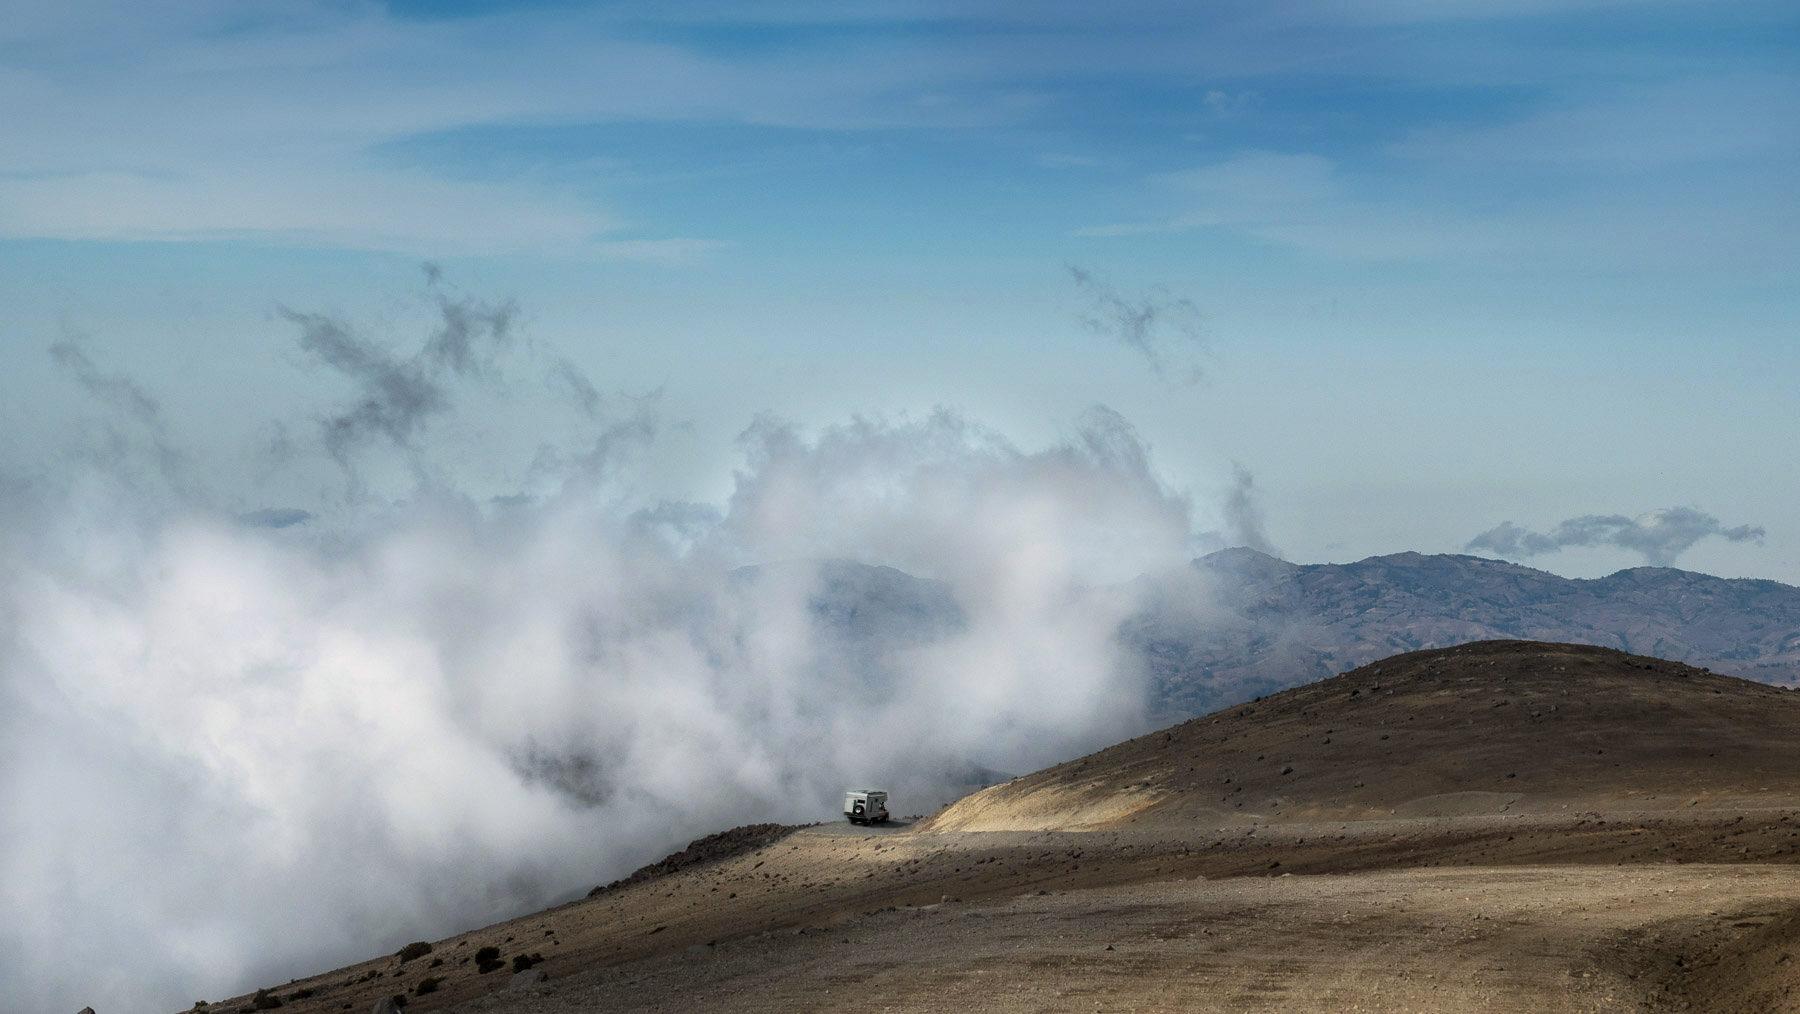 Fahrt auf der Straße der Vulkane in Ecuador